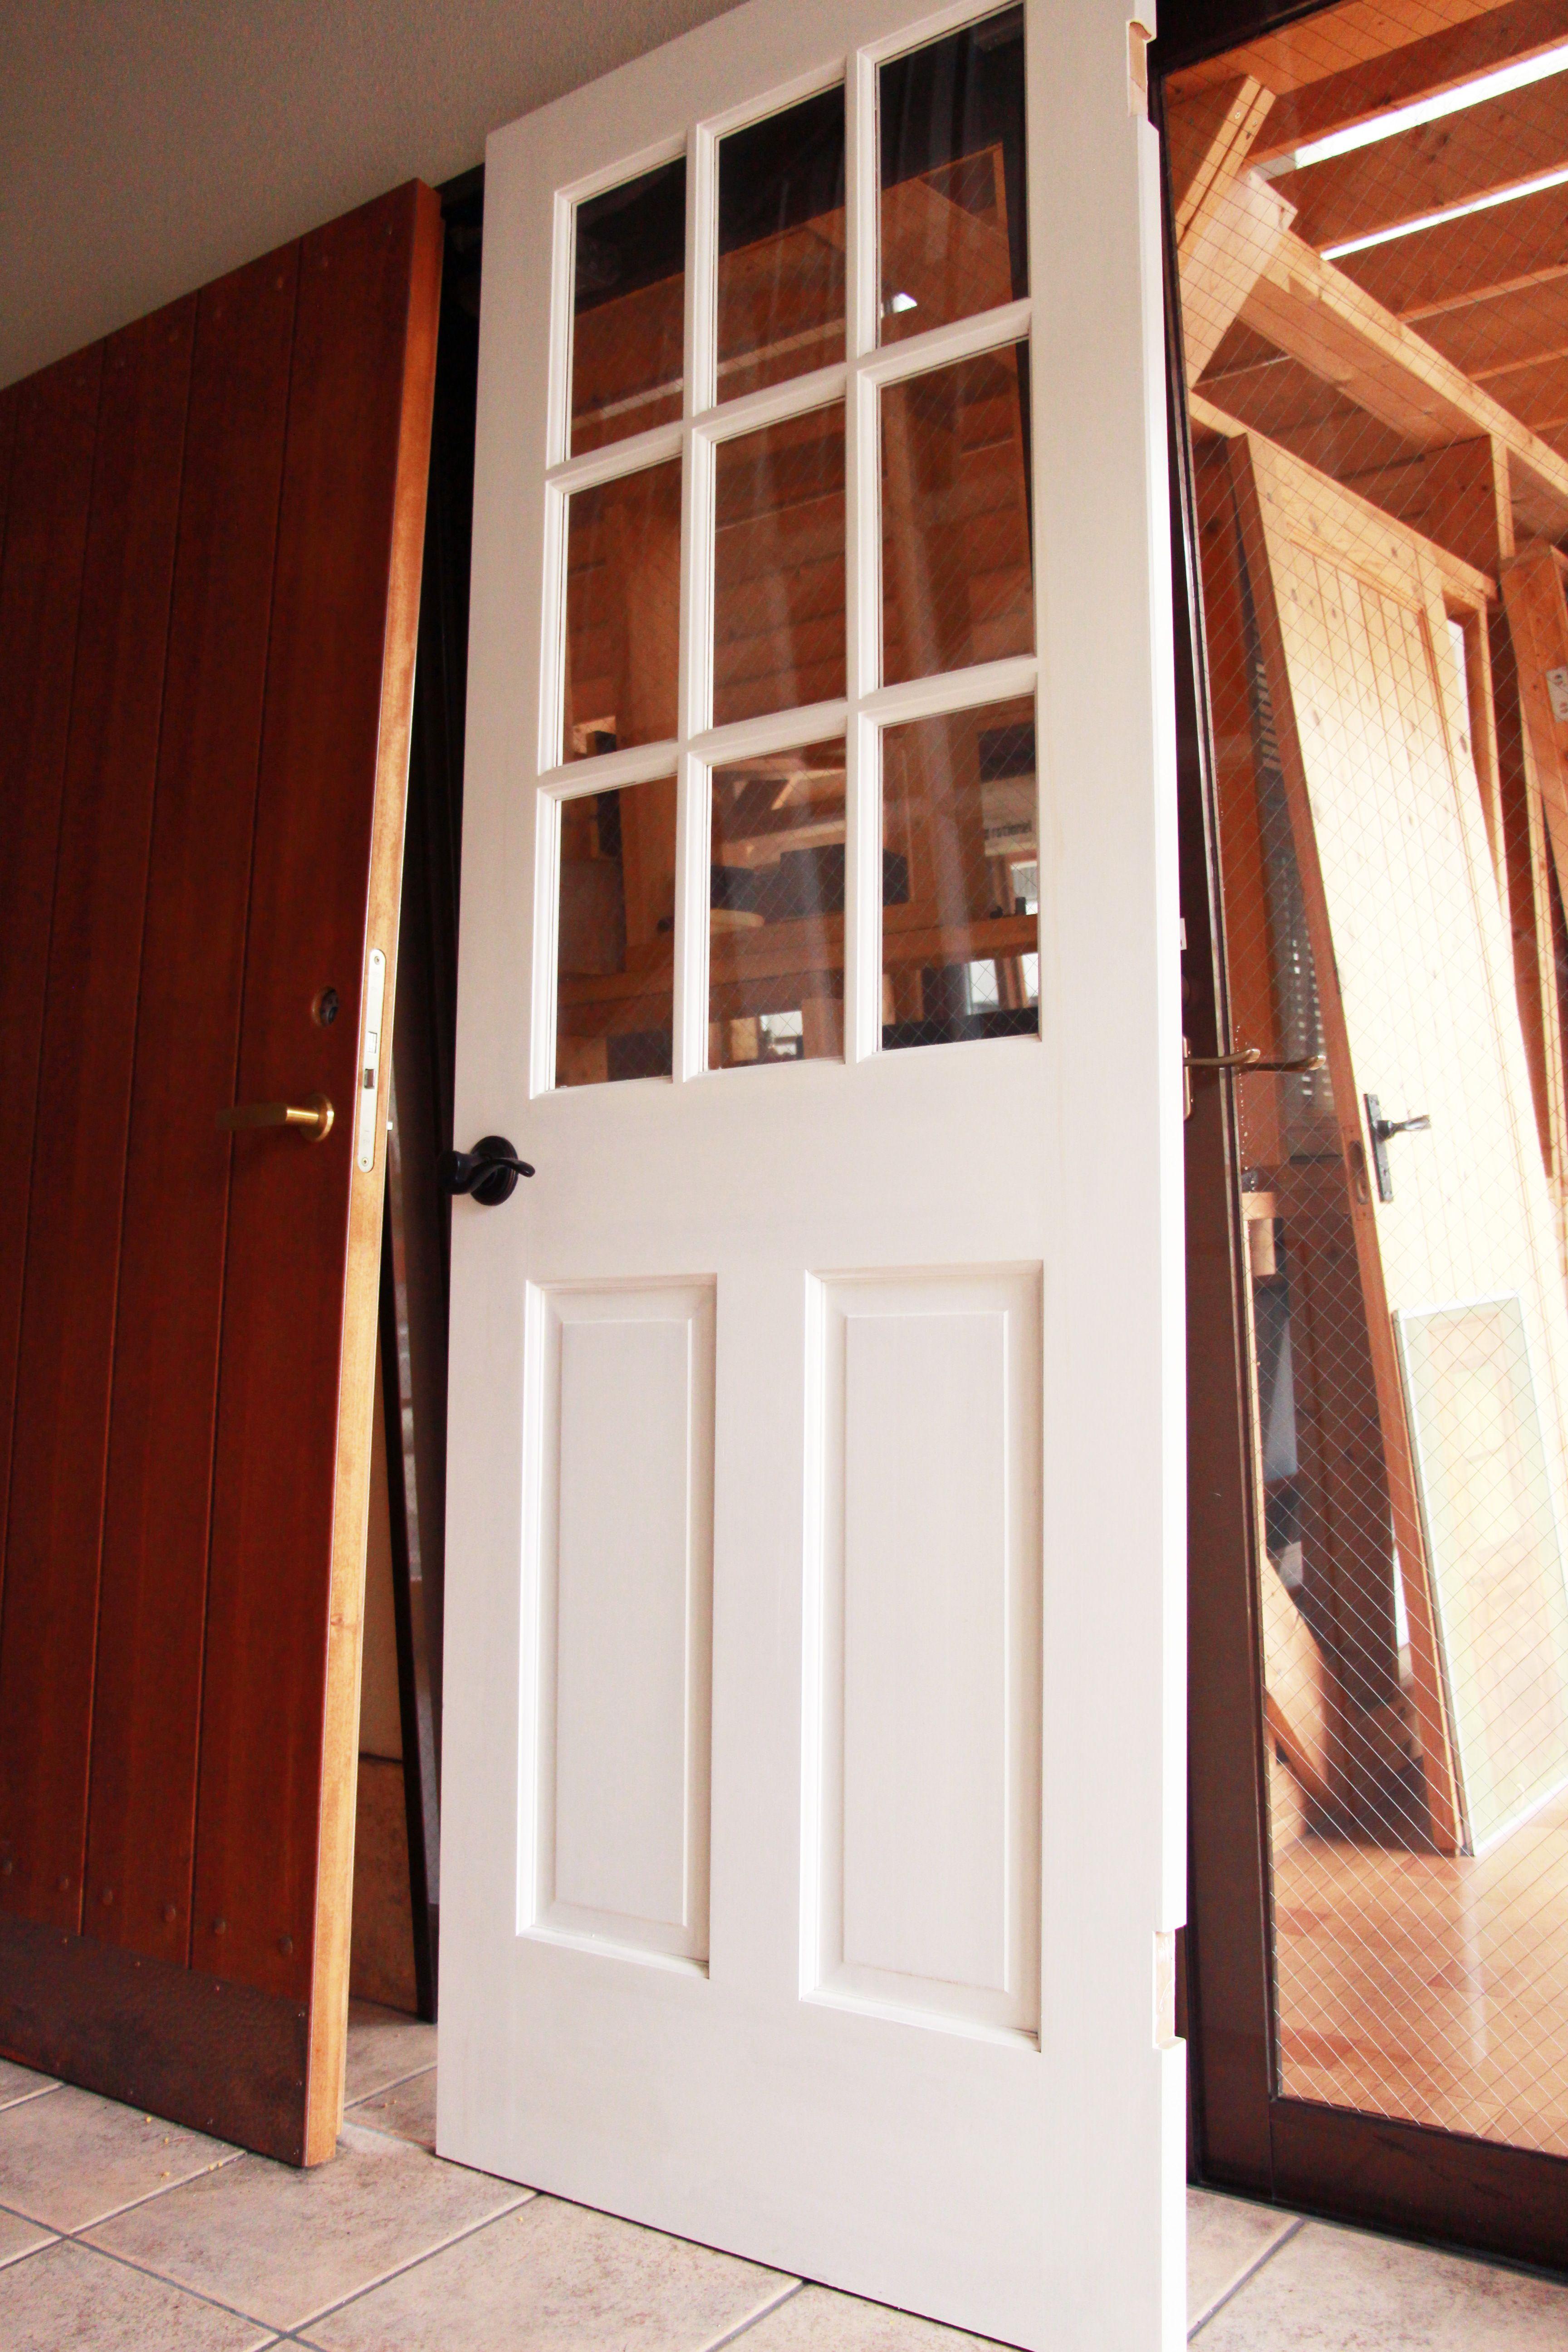 大阪ショールームで展示中のドアをご紹介 人気のehシリーズの室内ドアです 紫外線に強く耐候性に優れたオスモカラー カントリーカラーのホワイト色で塗装しています 他にも はがし加工やひび加工などを施したヴィンテージ塗装 雰囲気たっぷりのアンティーク